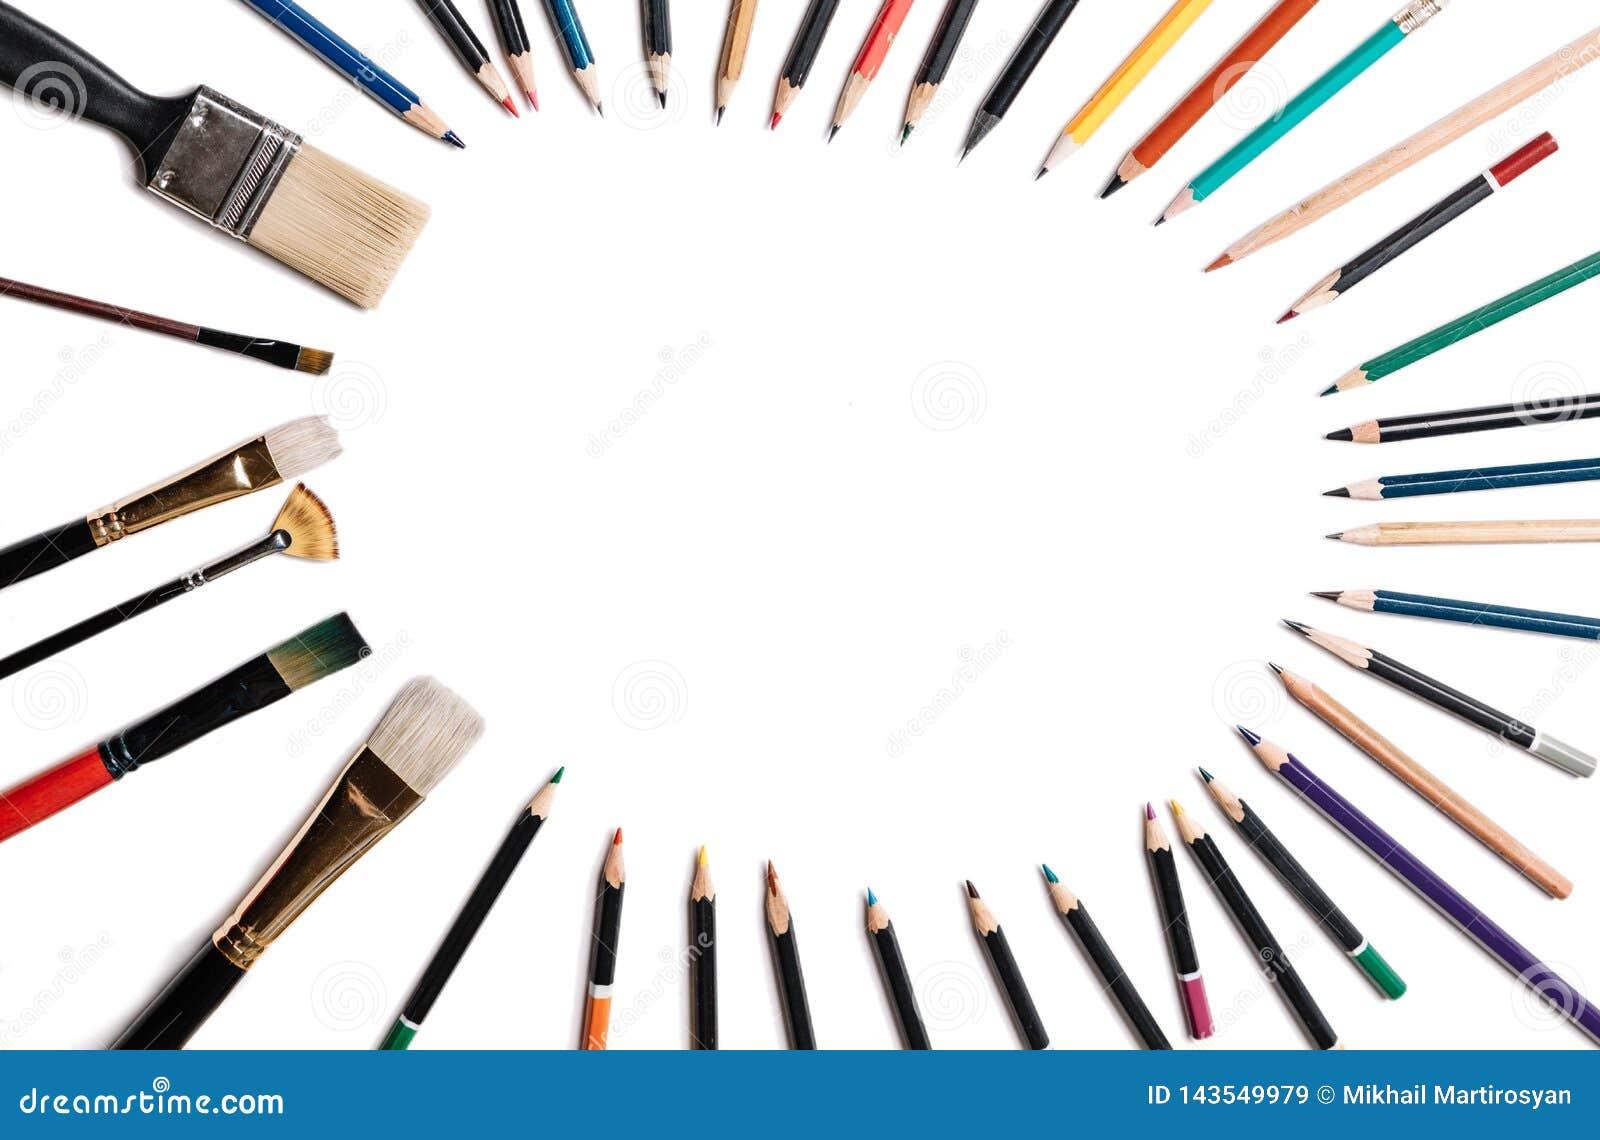 Farbige Bleistifte mit den Quasten lokalisiert auf weißem Hintergrund Gezeichnet in Form eines ovalen Rahmens mit Raum für Text o